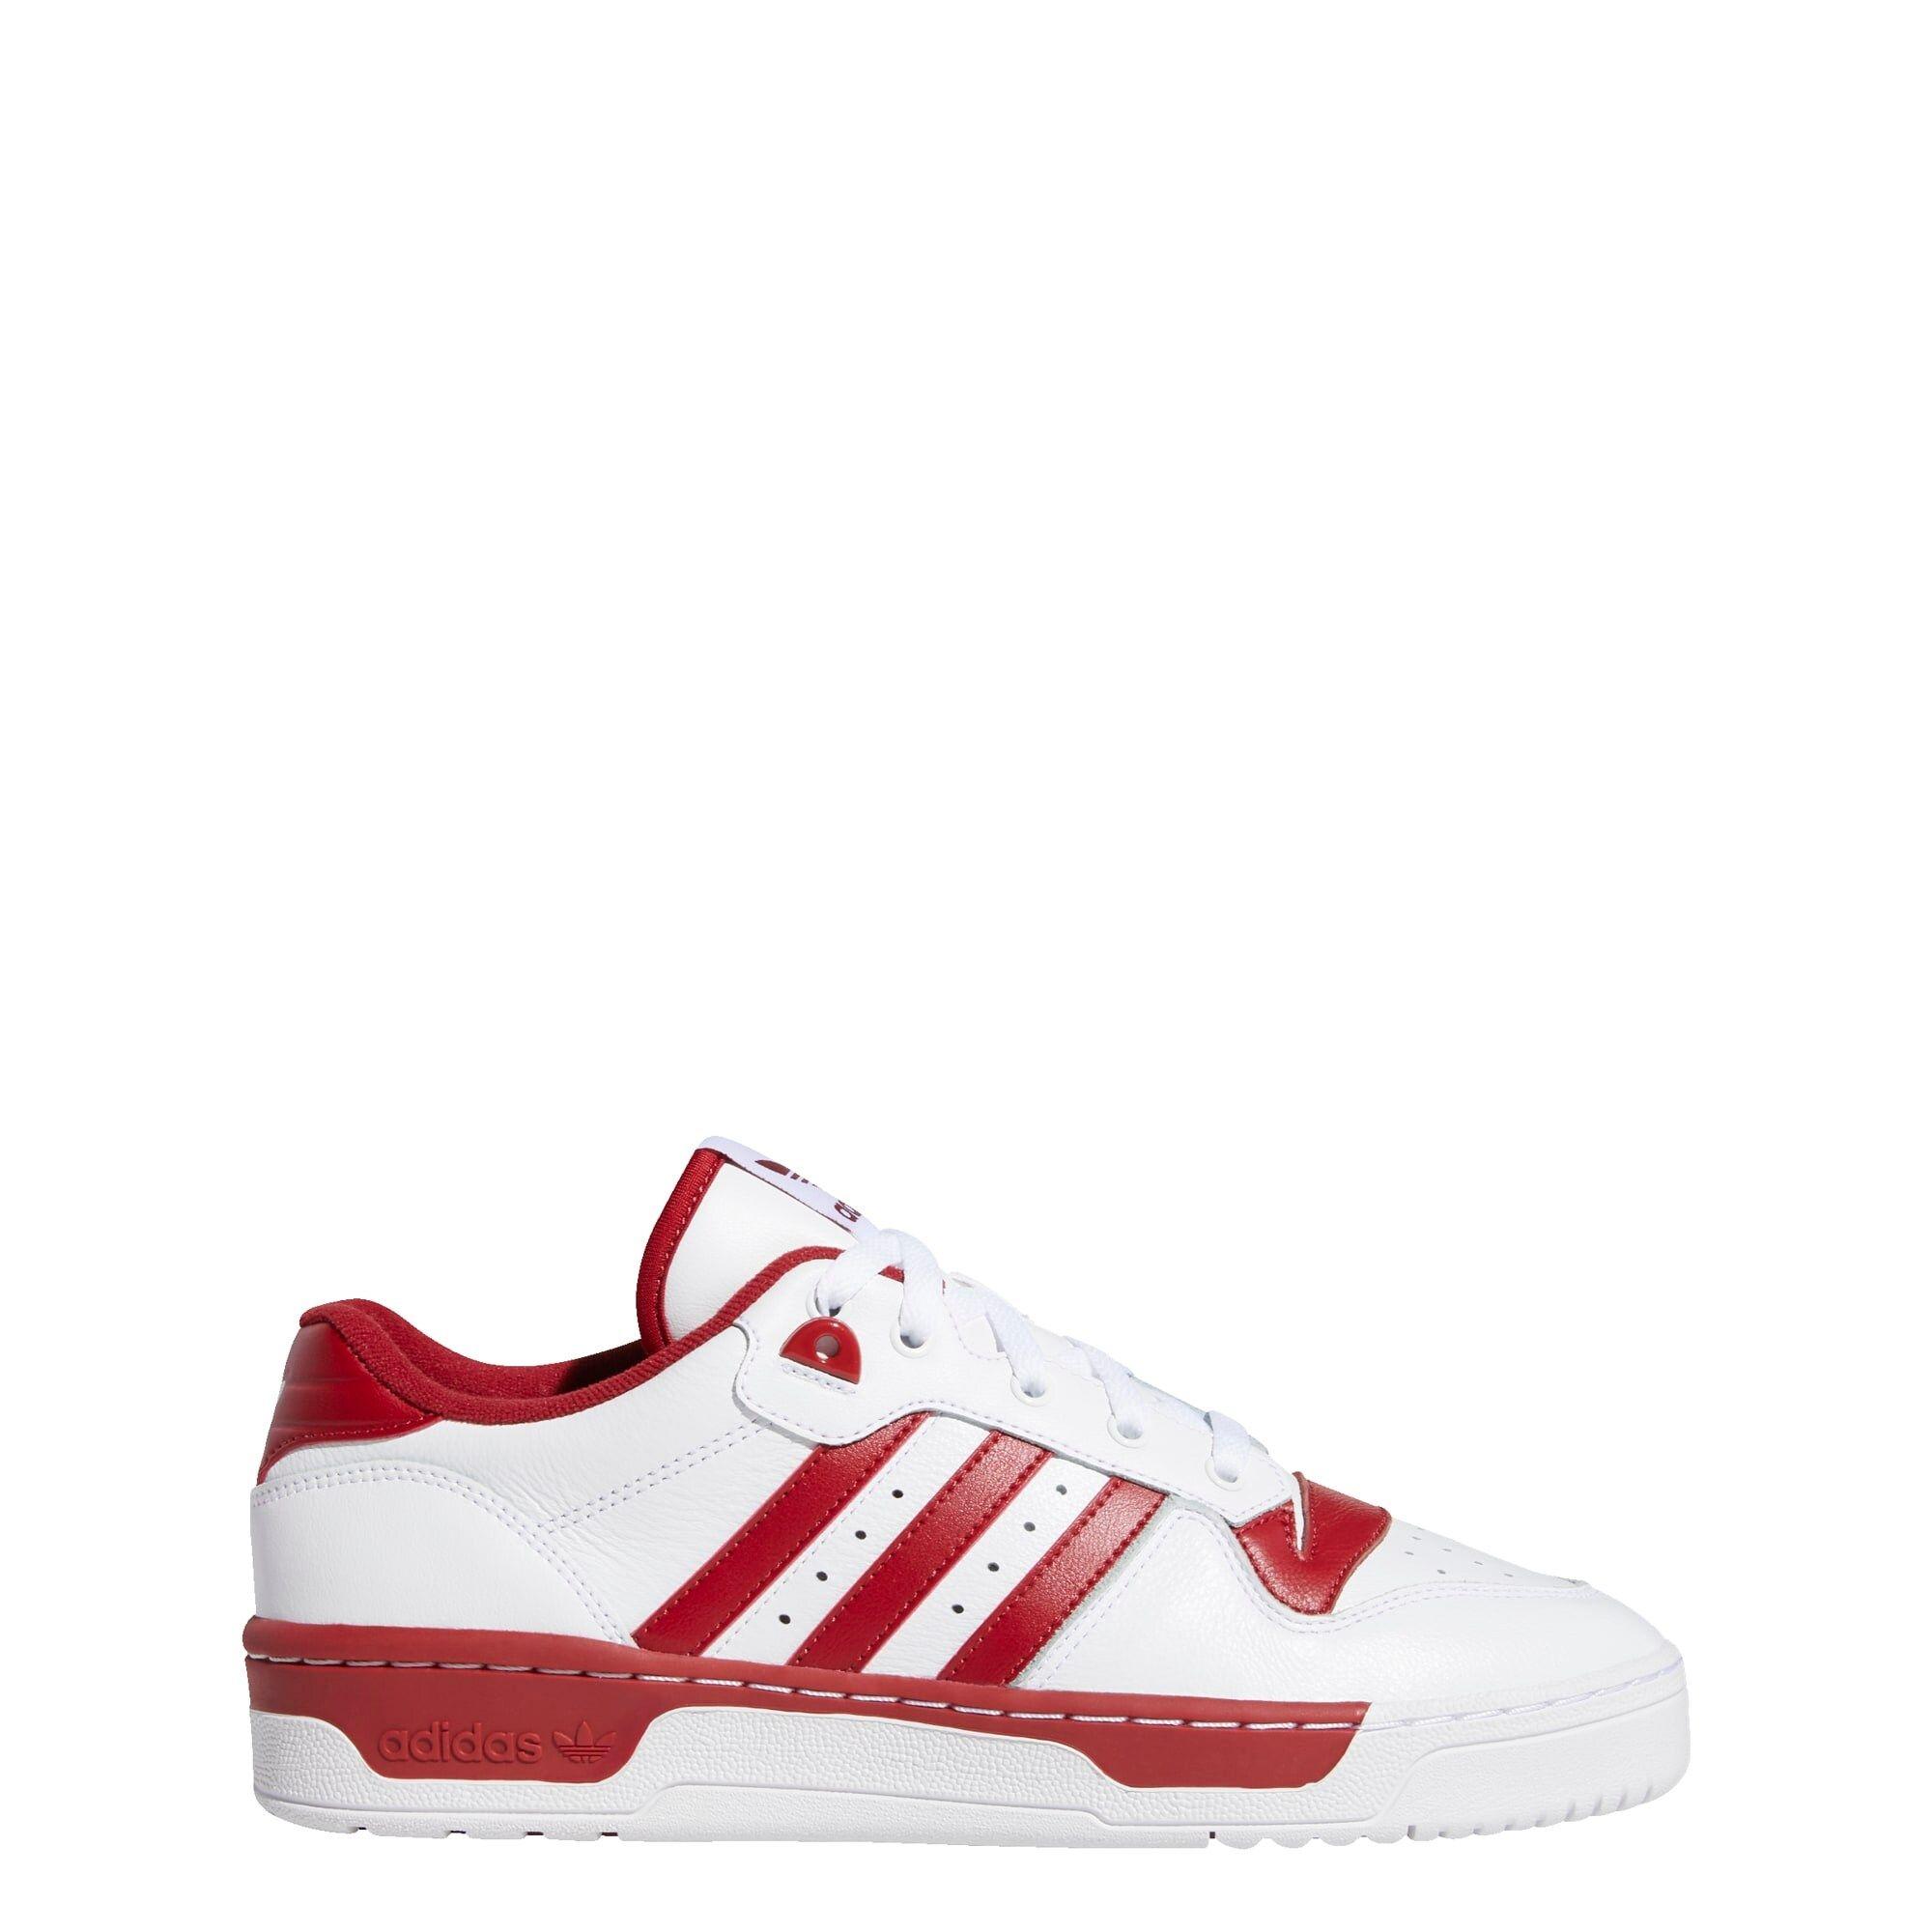 Adidas Originals Shoes Herren Weiss Rot Grosse 37 5 38 In 2020 Adidas Originals Adidas Und Herrin